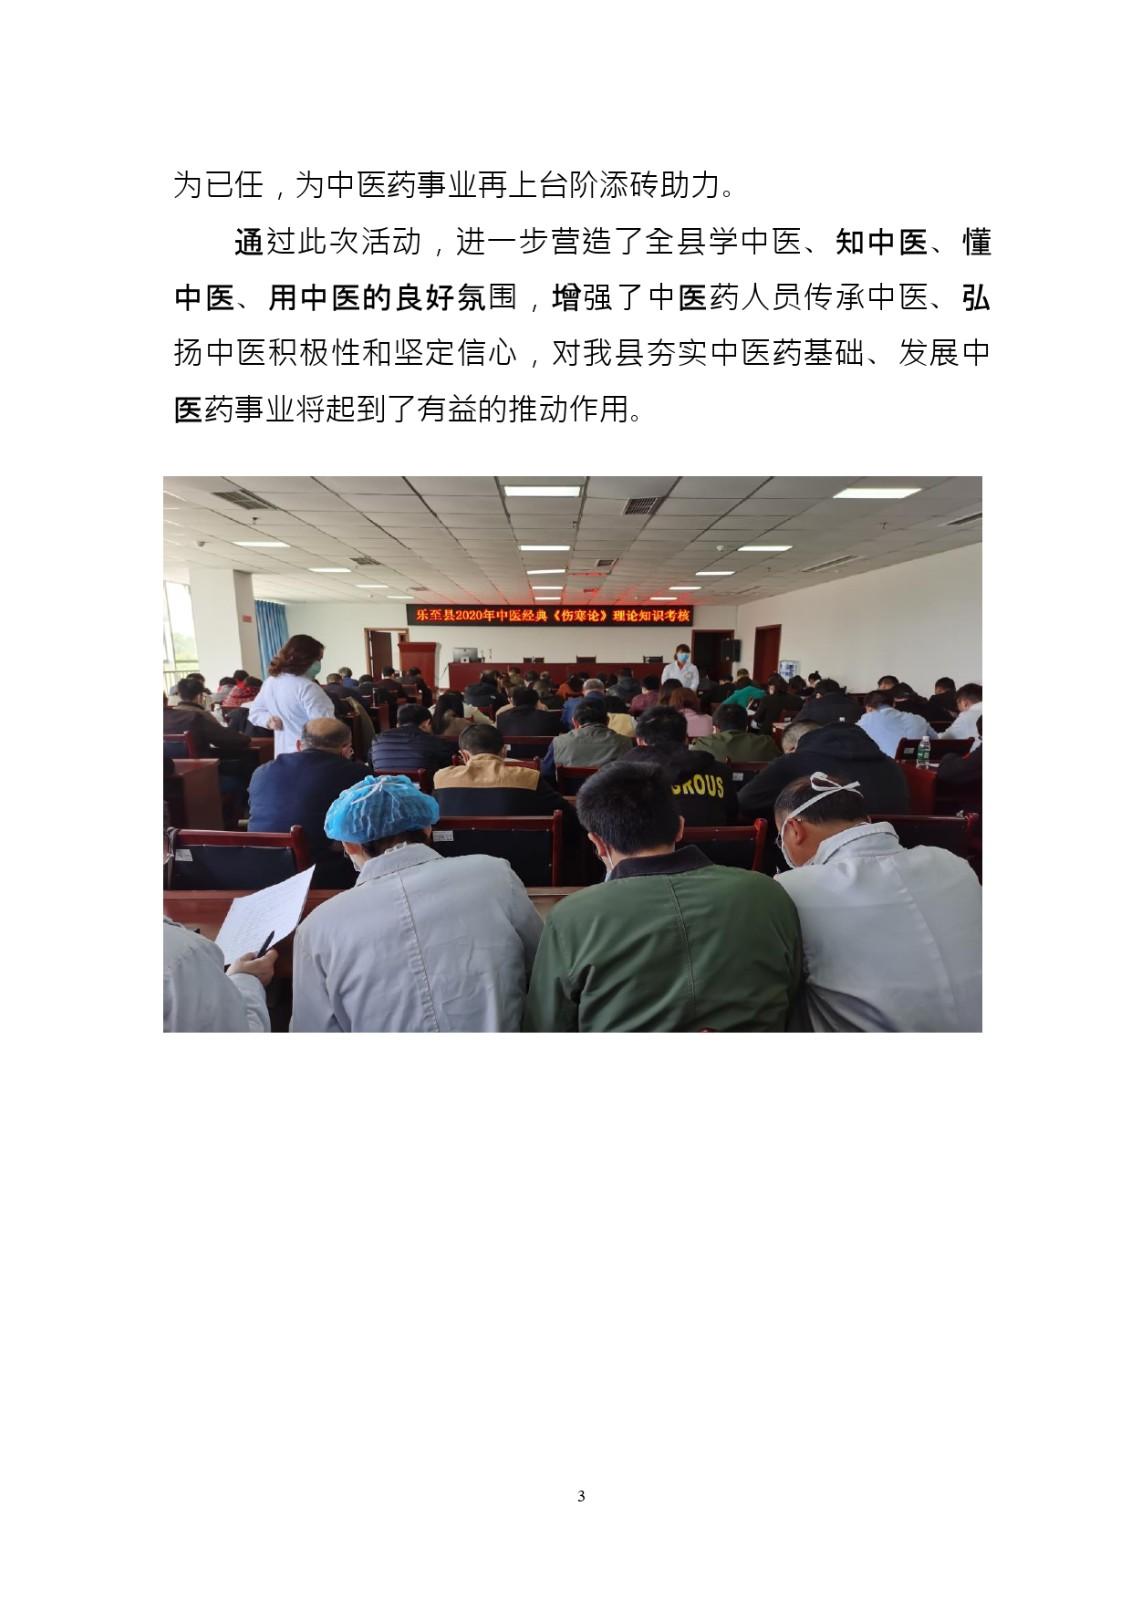 四川人事信息网_四川省乐至县中医医院-官网